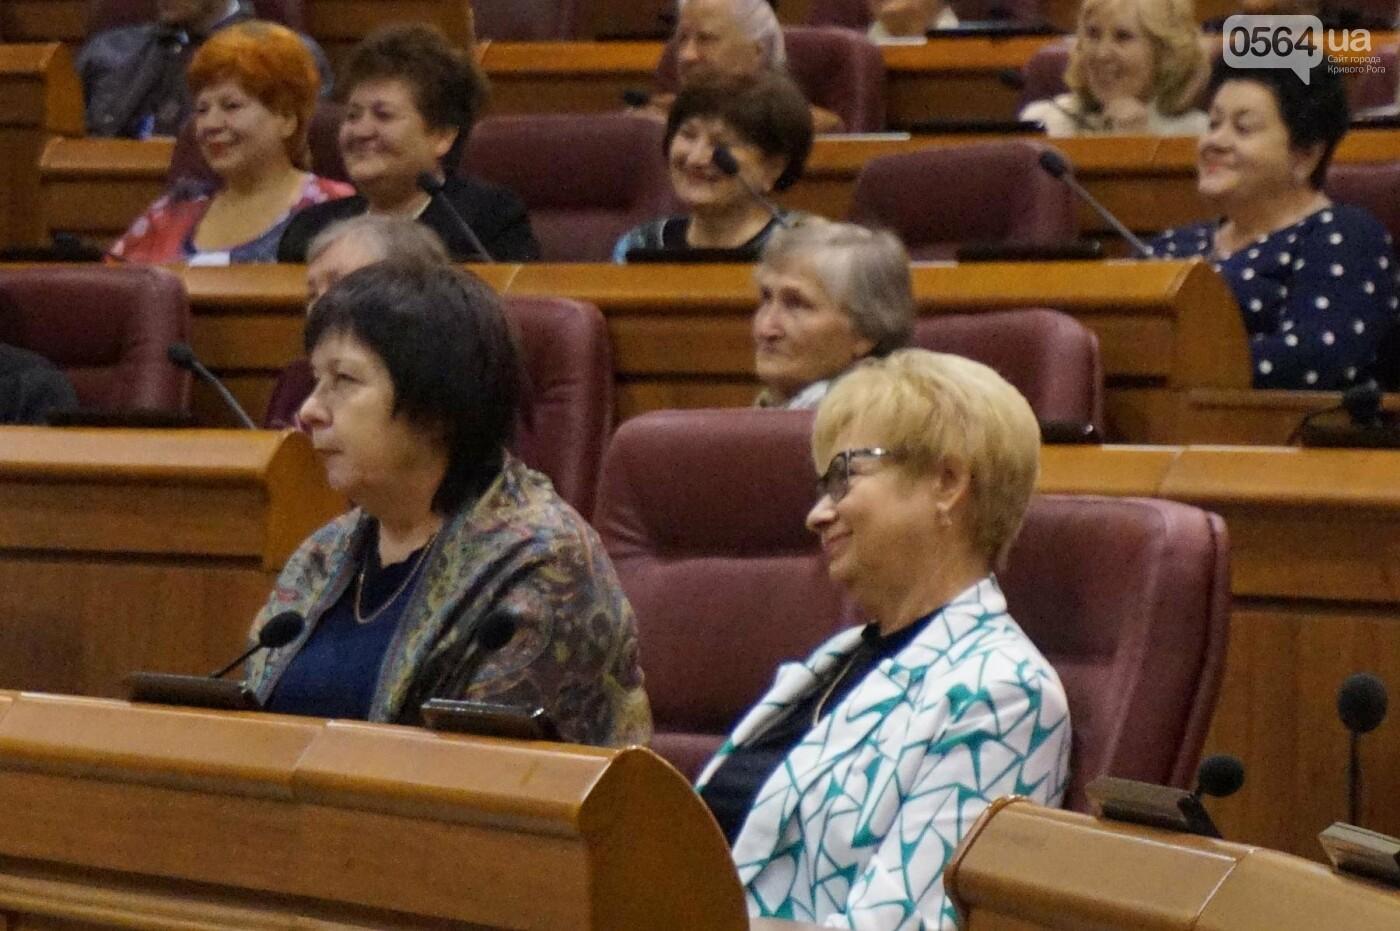 Экс-сотрудников Криворожского горисполкома поздравили с Днем пожилых людей (ФОТО), фото-7